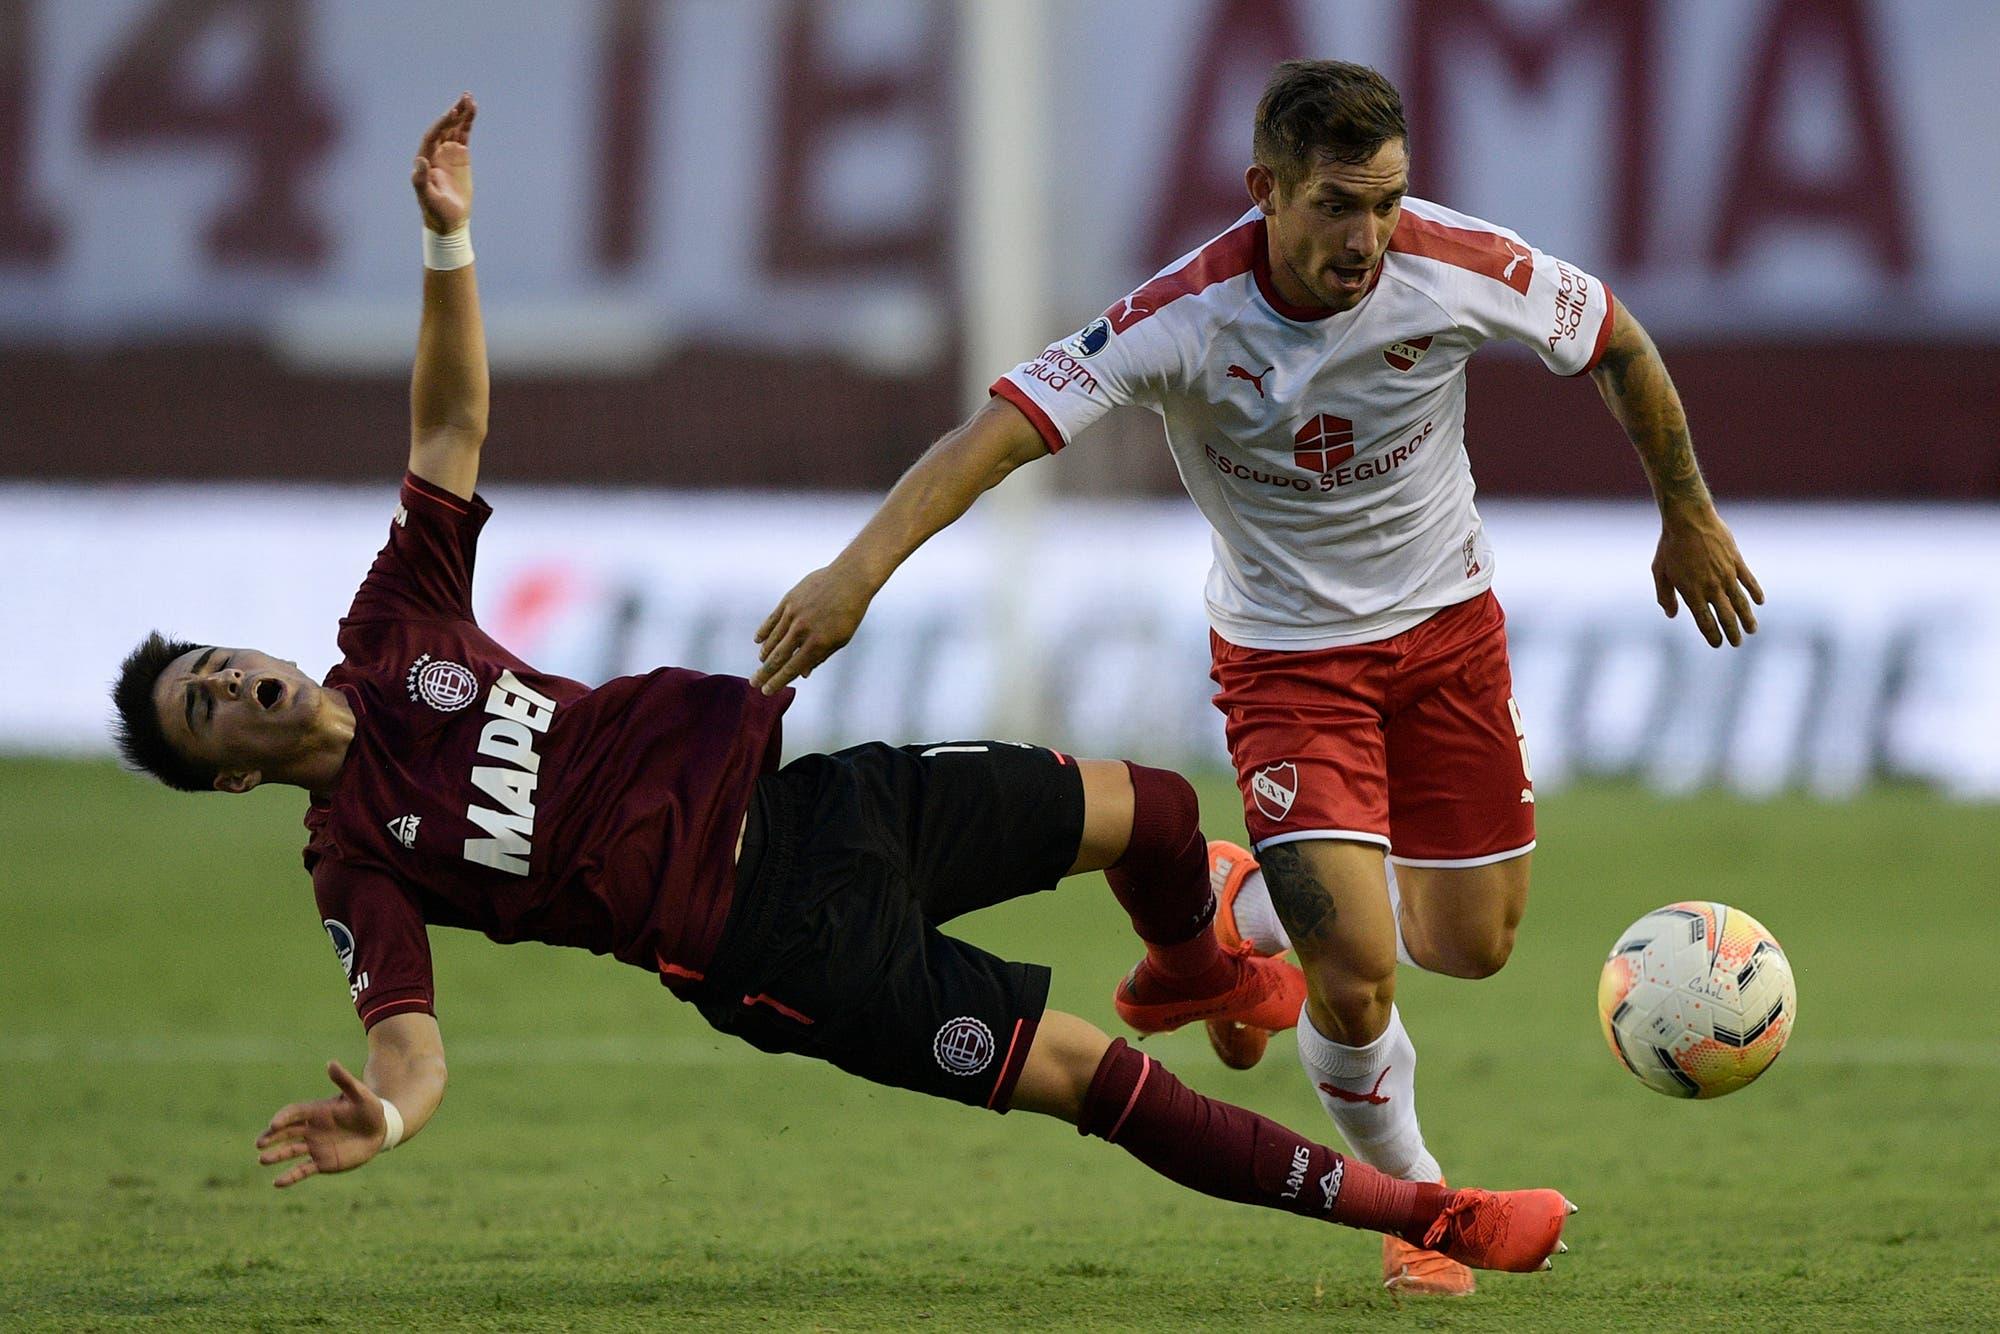 Lanús - Independiente: granates y rojos ya juegan en la Fortaleza por los cuartos de final de la Sudamericana